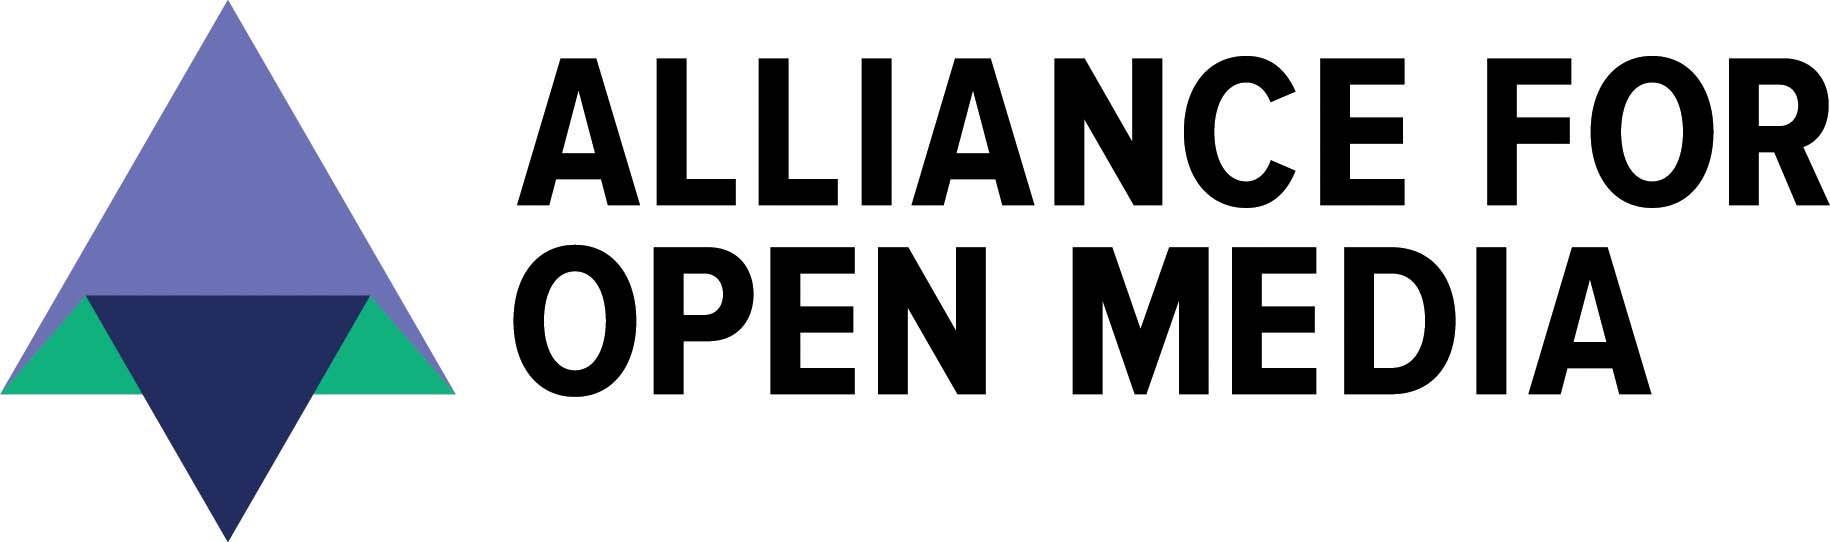 The Alliance for Open Media Kickstarts Video Innovation Era